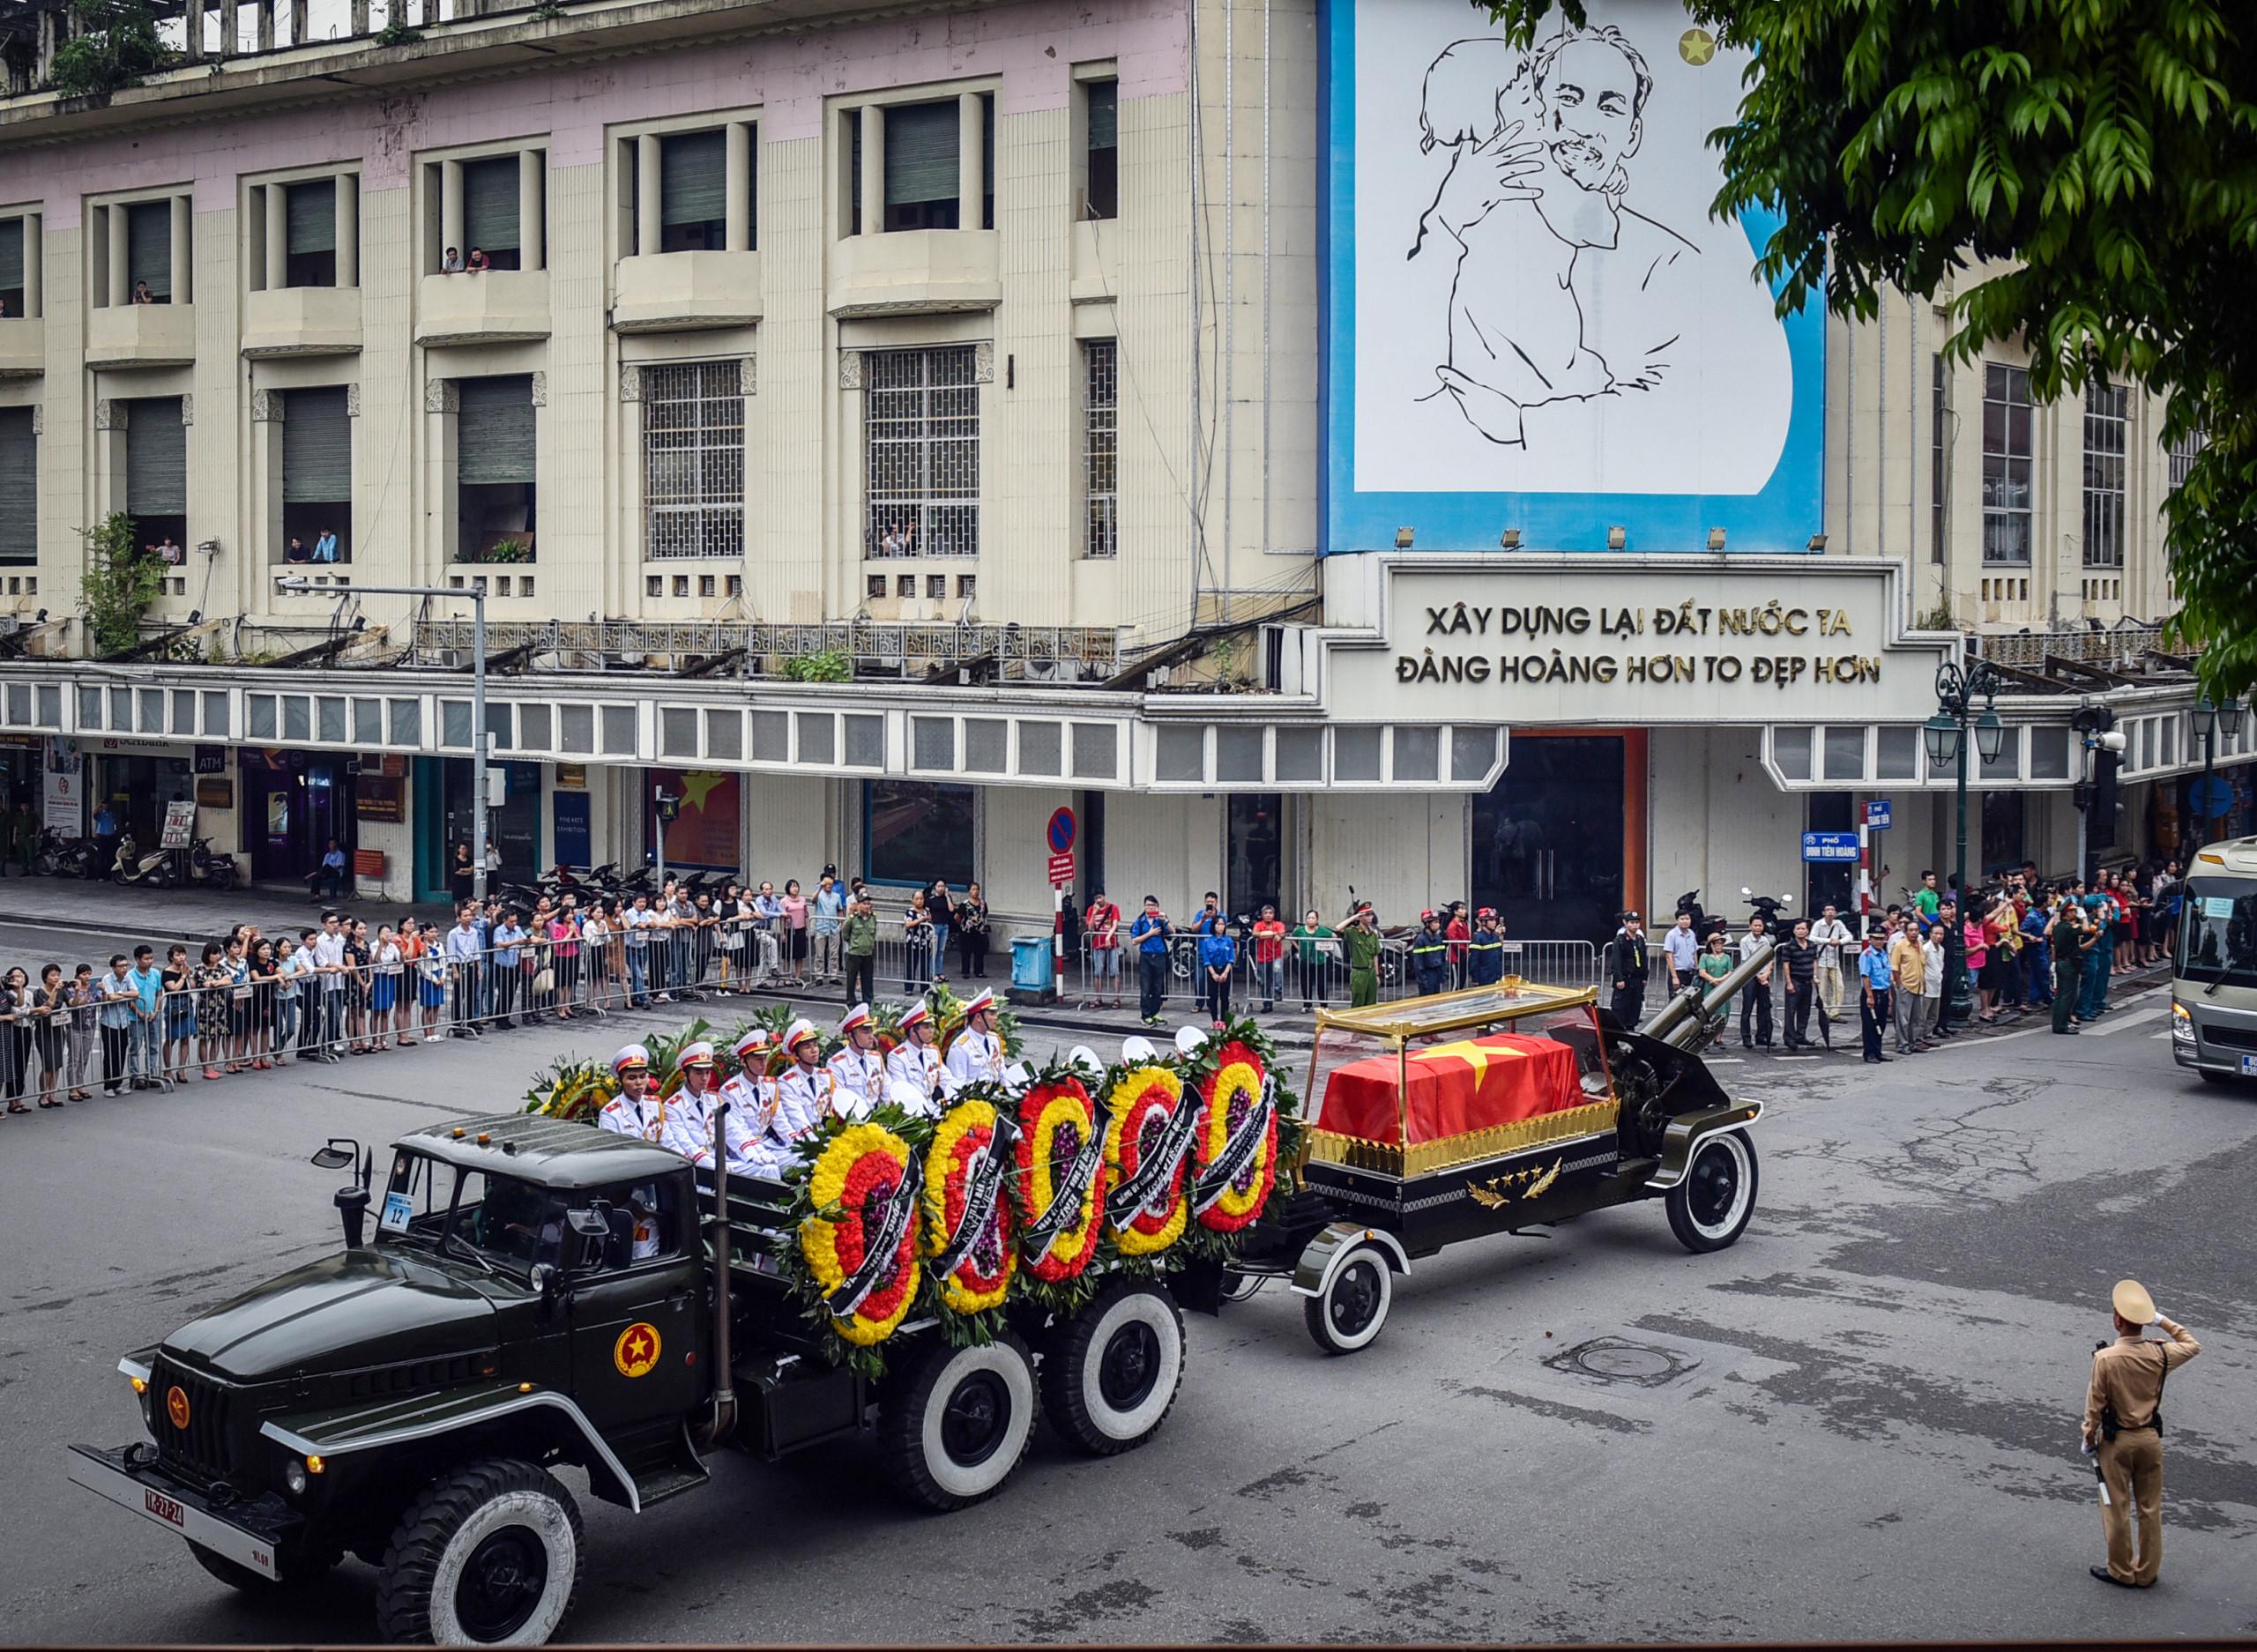 Xe tang đưa linh cữu Chủ tịch nước Trần Đại Quang về quê